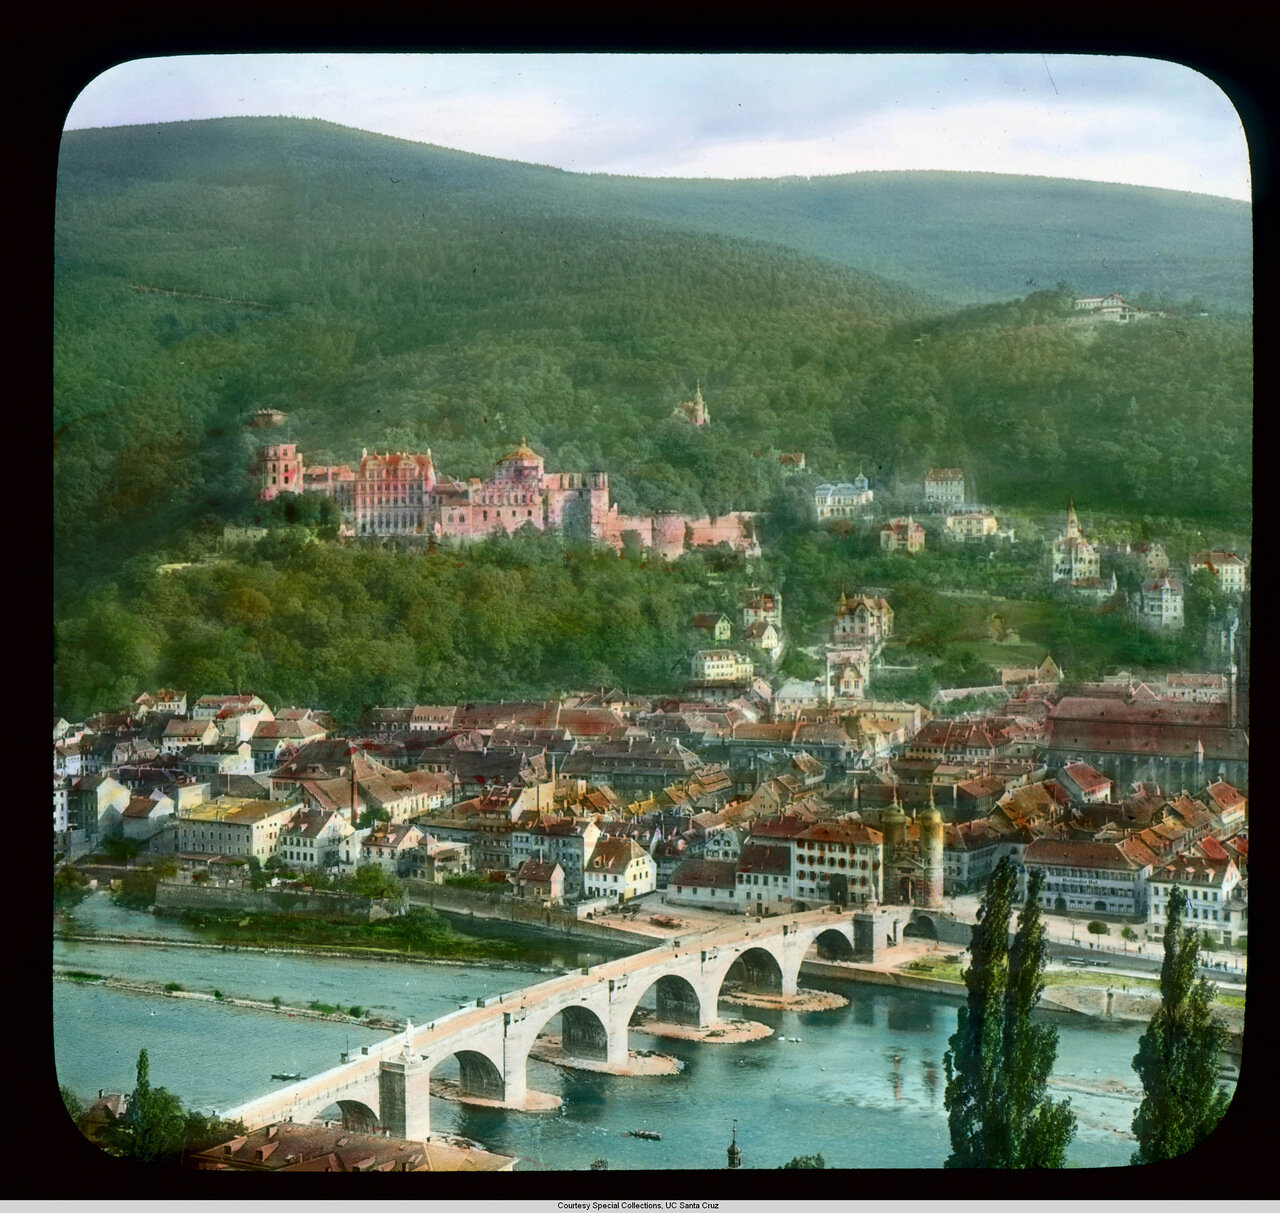 Гейдельберг. Вид с воздуха на Замок, Старый город и Мост Карла-Теодора через реку Неккар